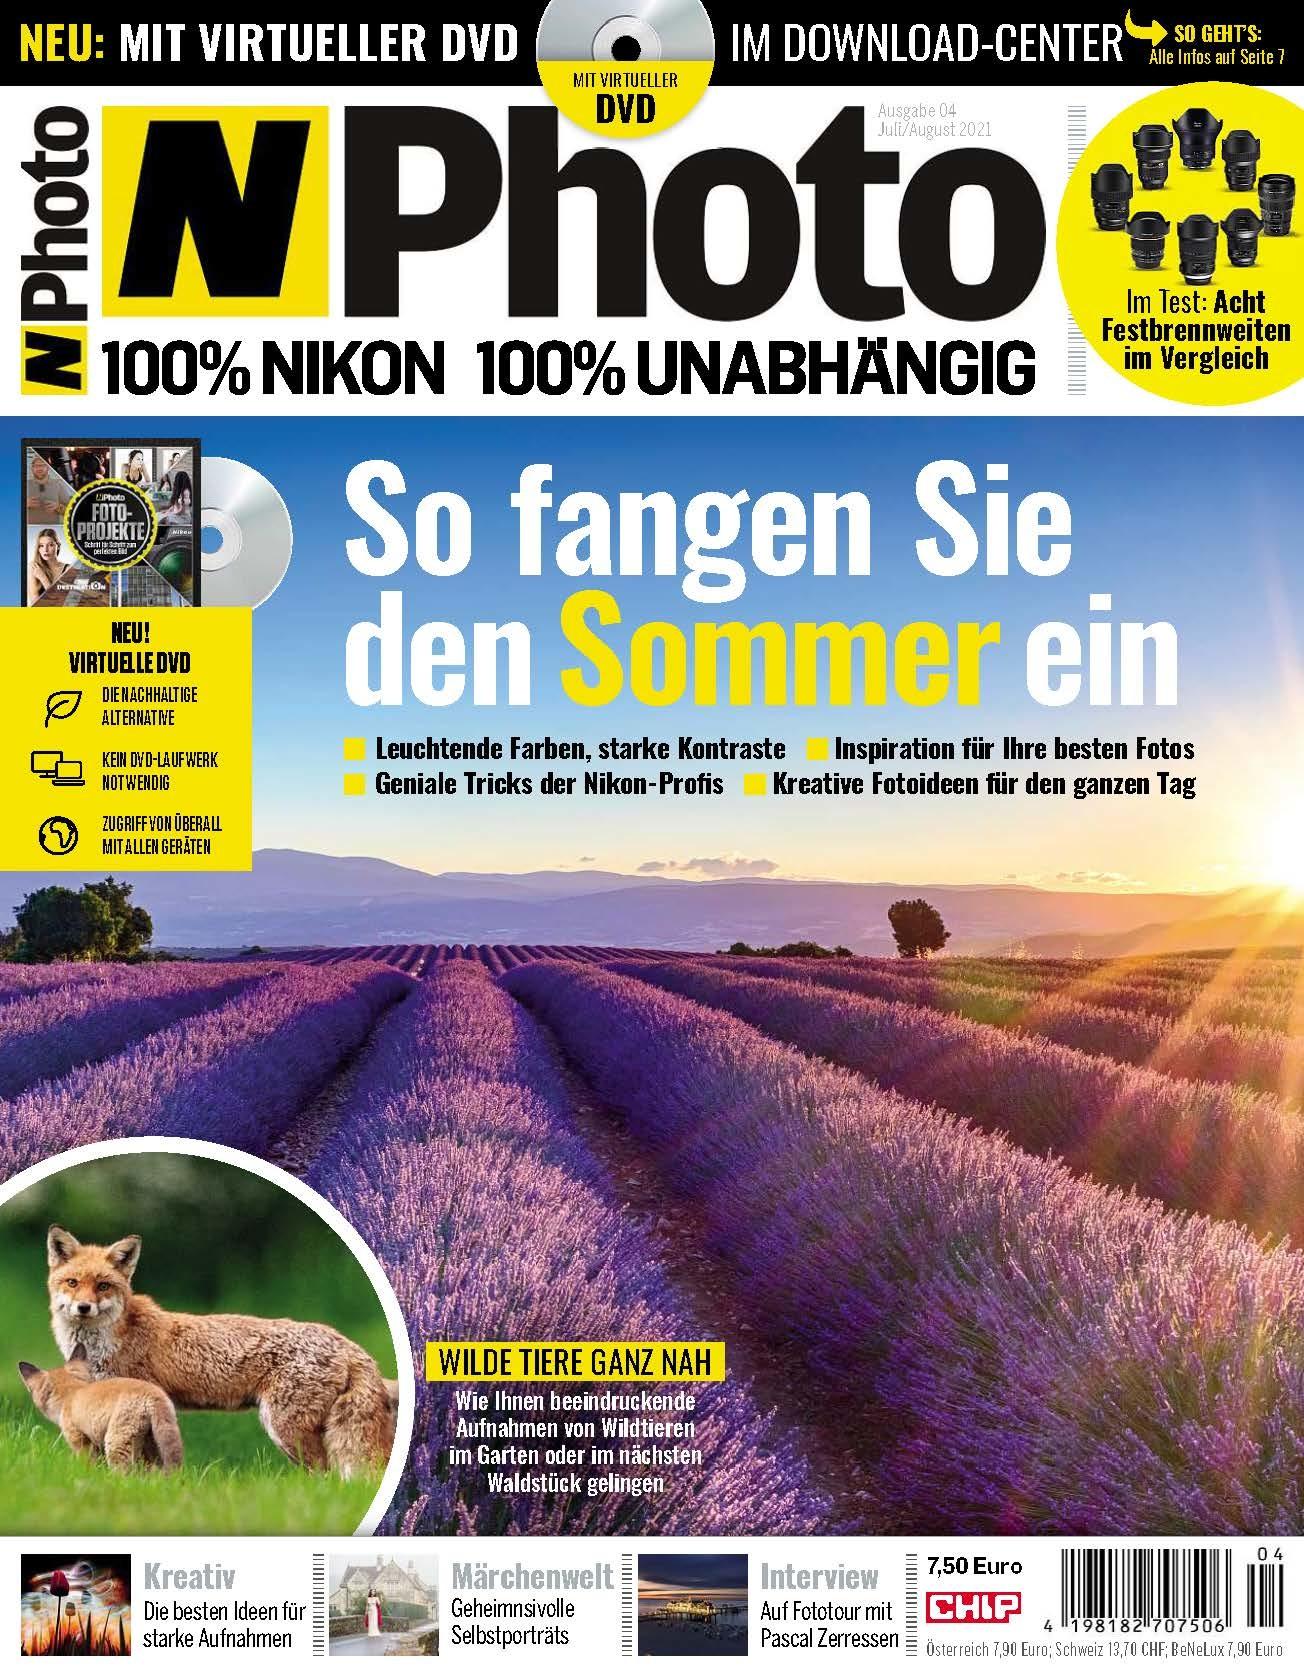 CHIP N-Photo – So fangen Sie den Sommer ein